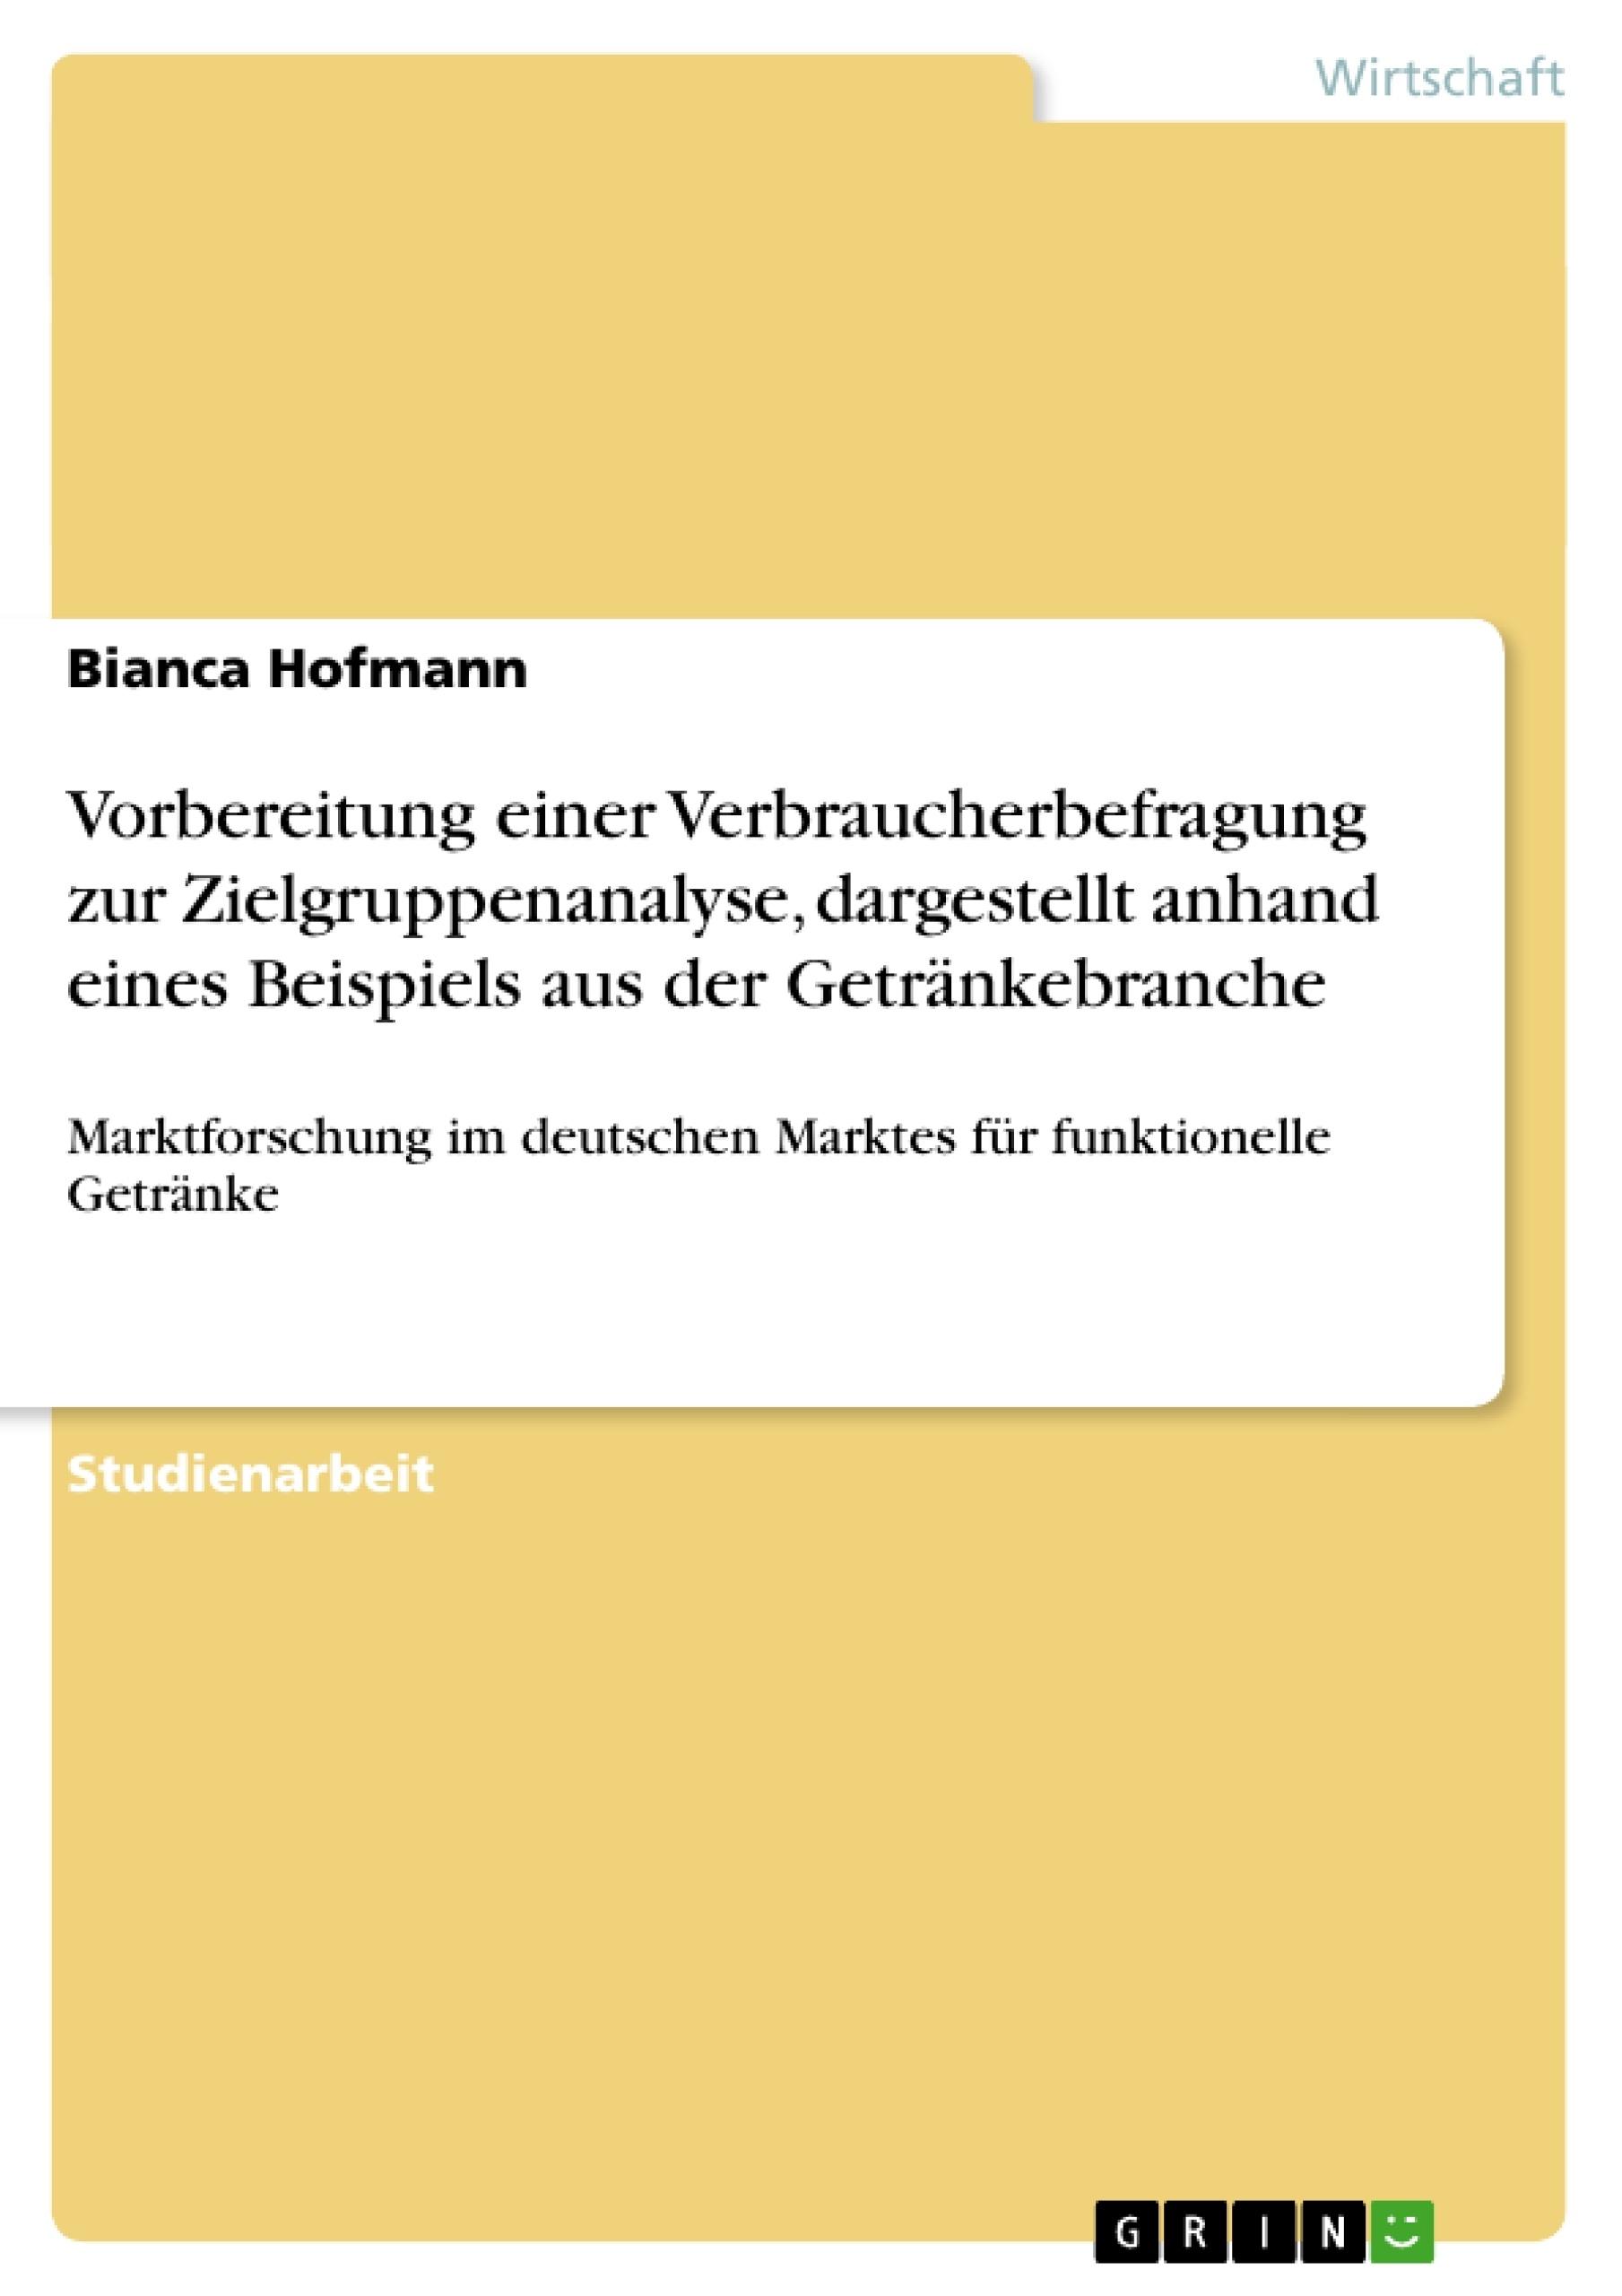 Titel: Vorbereitung einer Verbraucherbefragung zur Zielgruppenanalyse, dargestellt anhand eines Beispiels aus der Getränkebranche